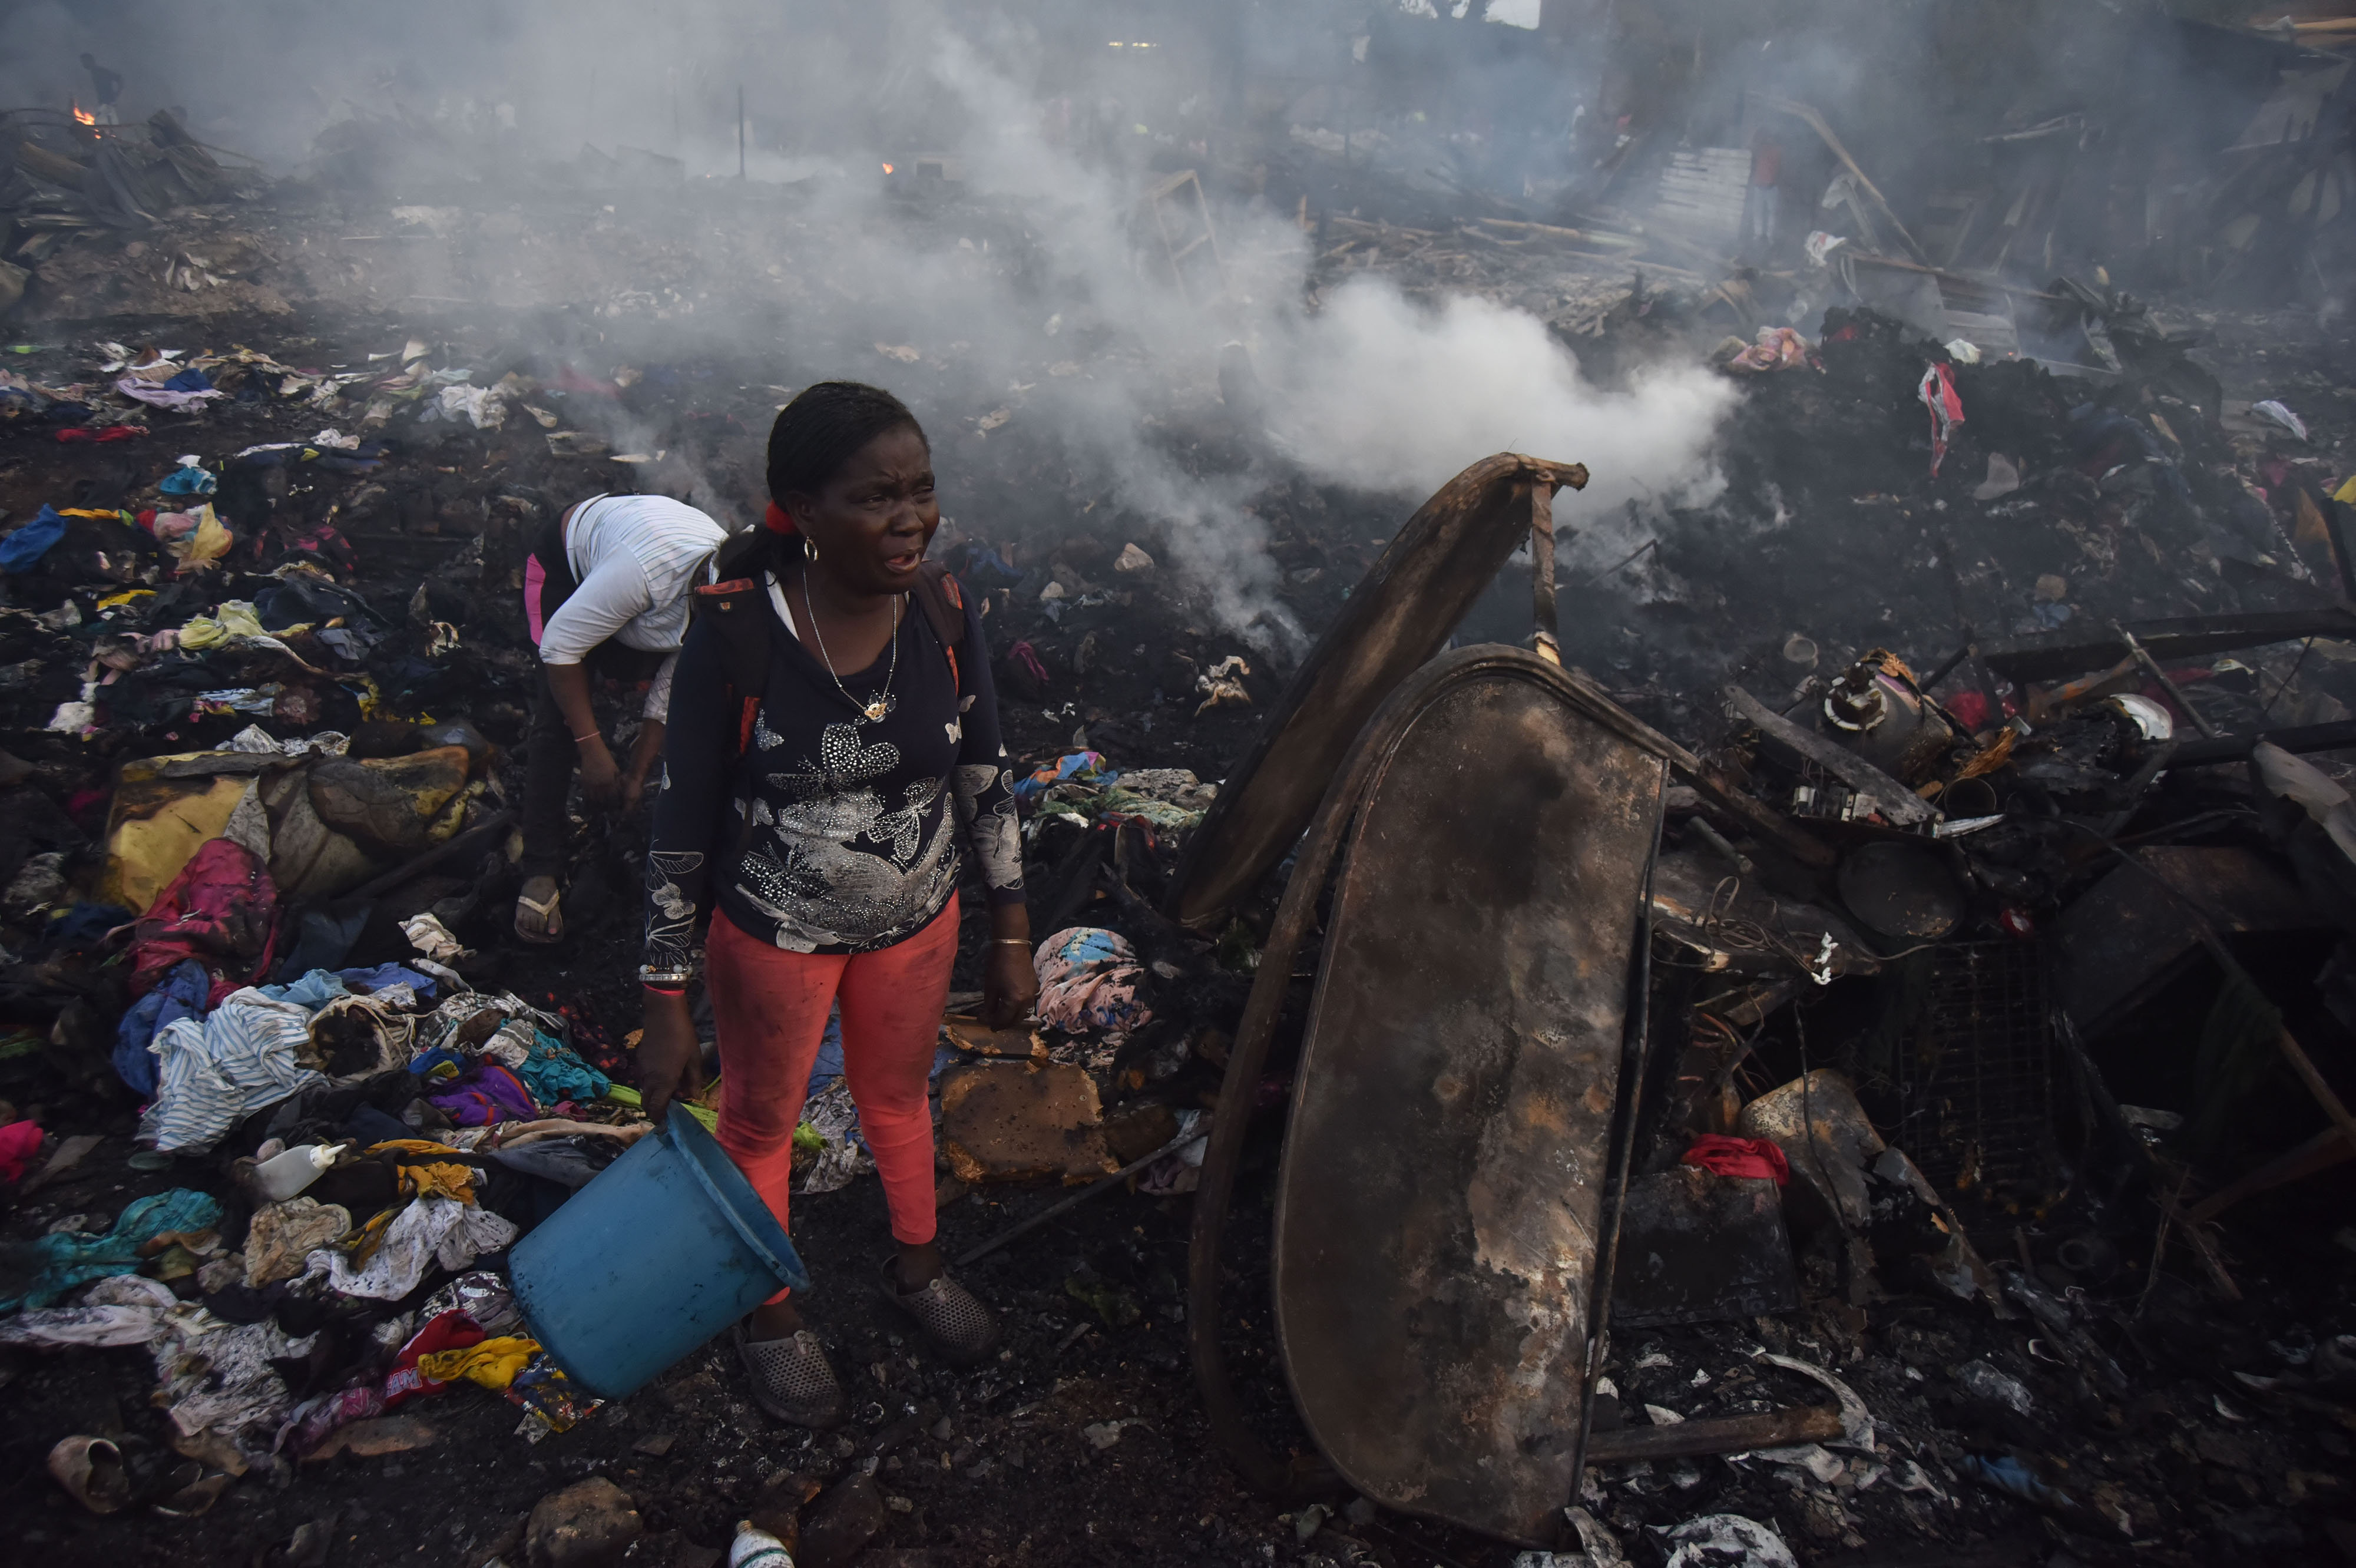 Una dona plora en perdre la seva casa en un incendi que ha destruït prop de 80 habitatges. /ERNESTO GUZMÁN JR